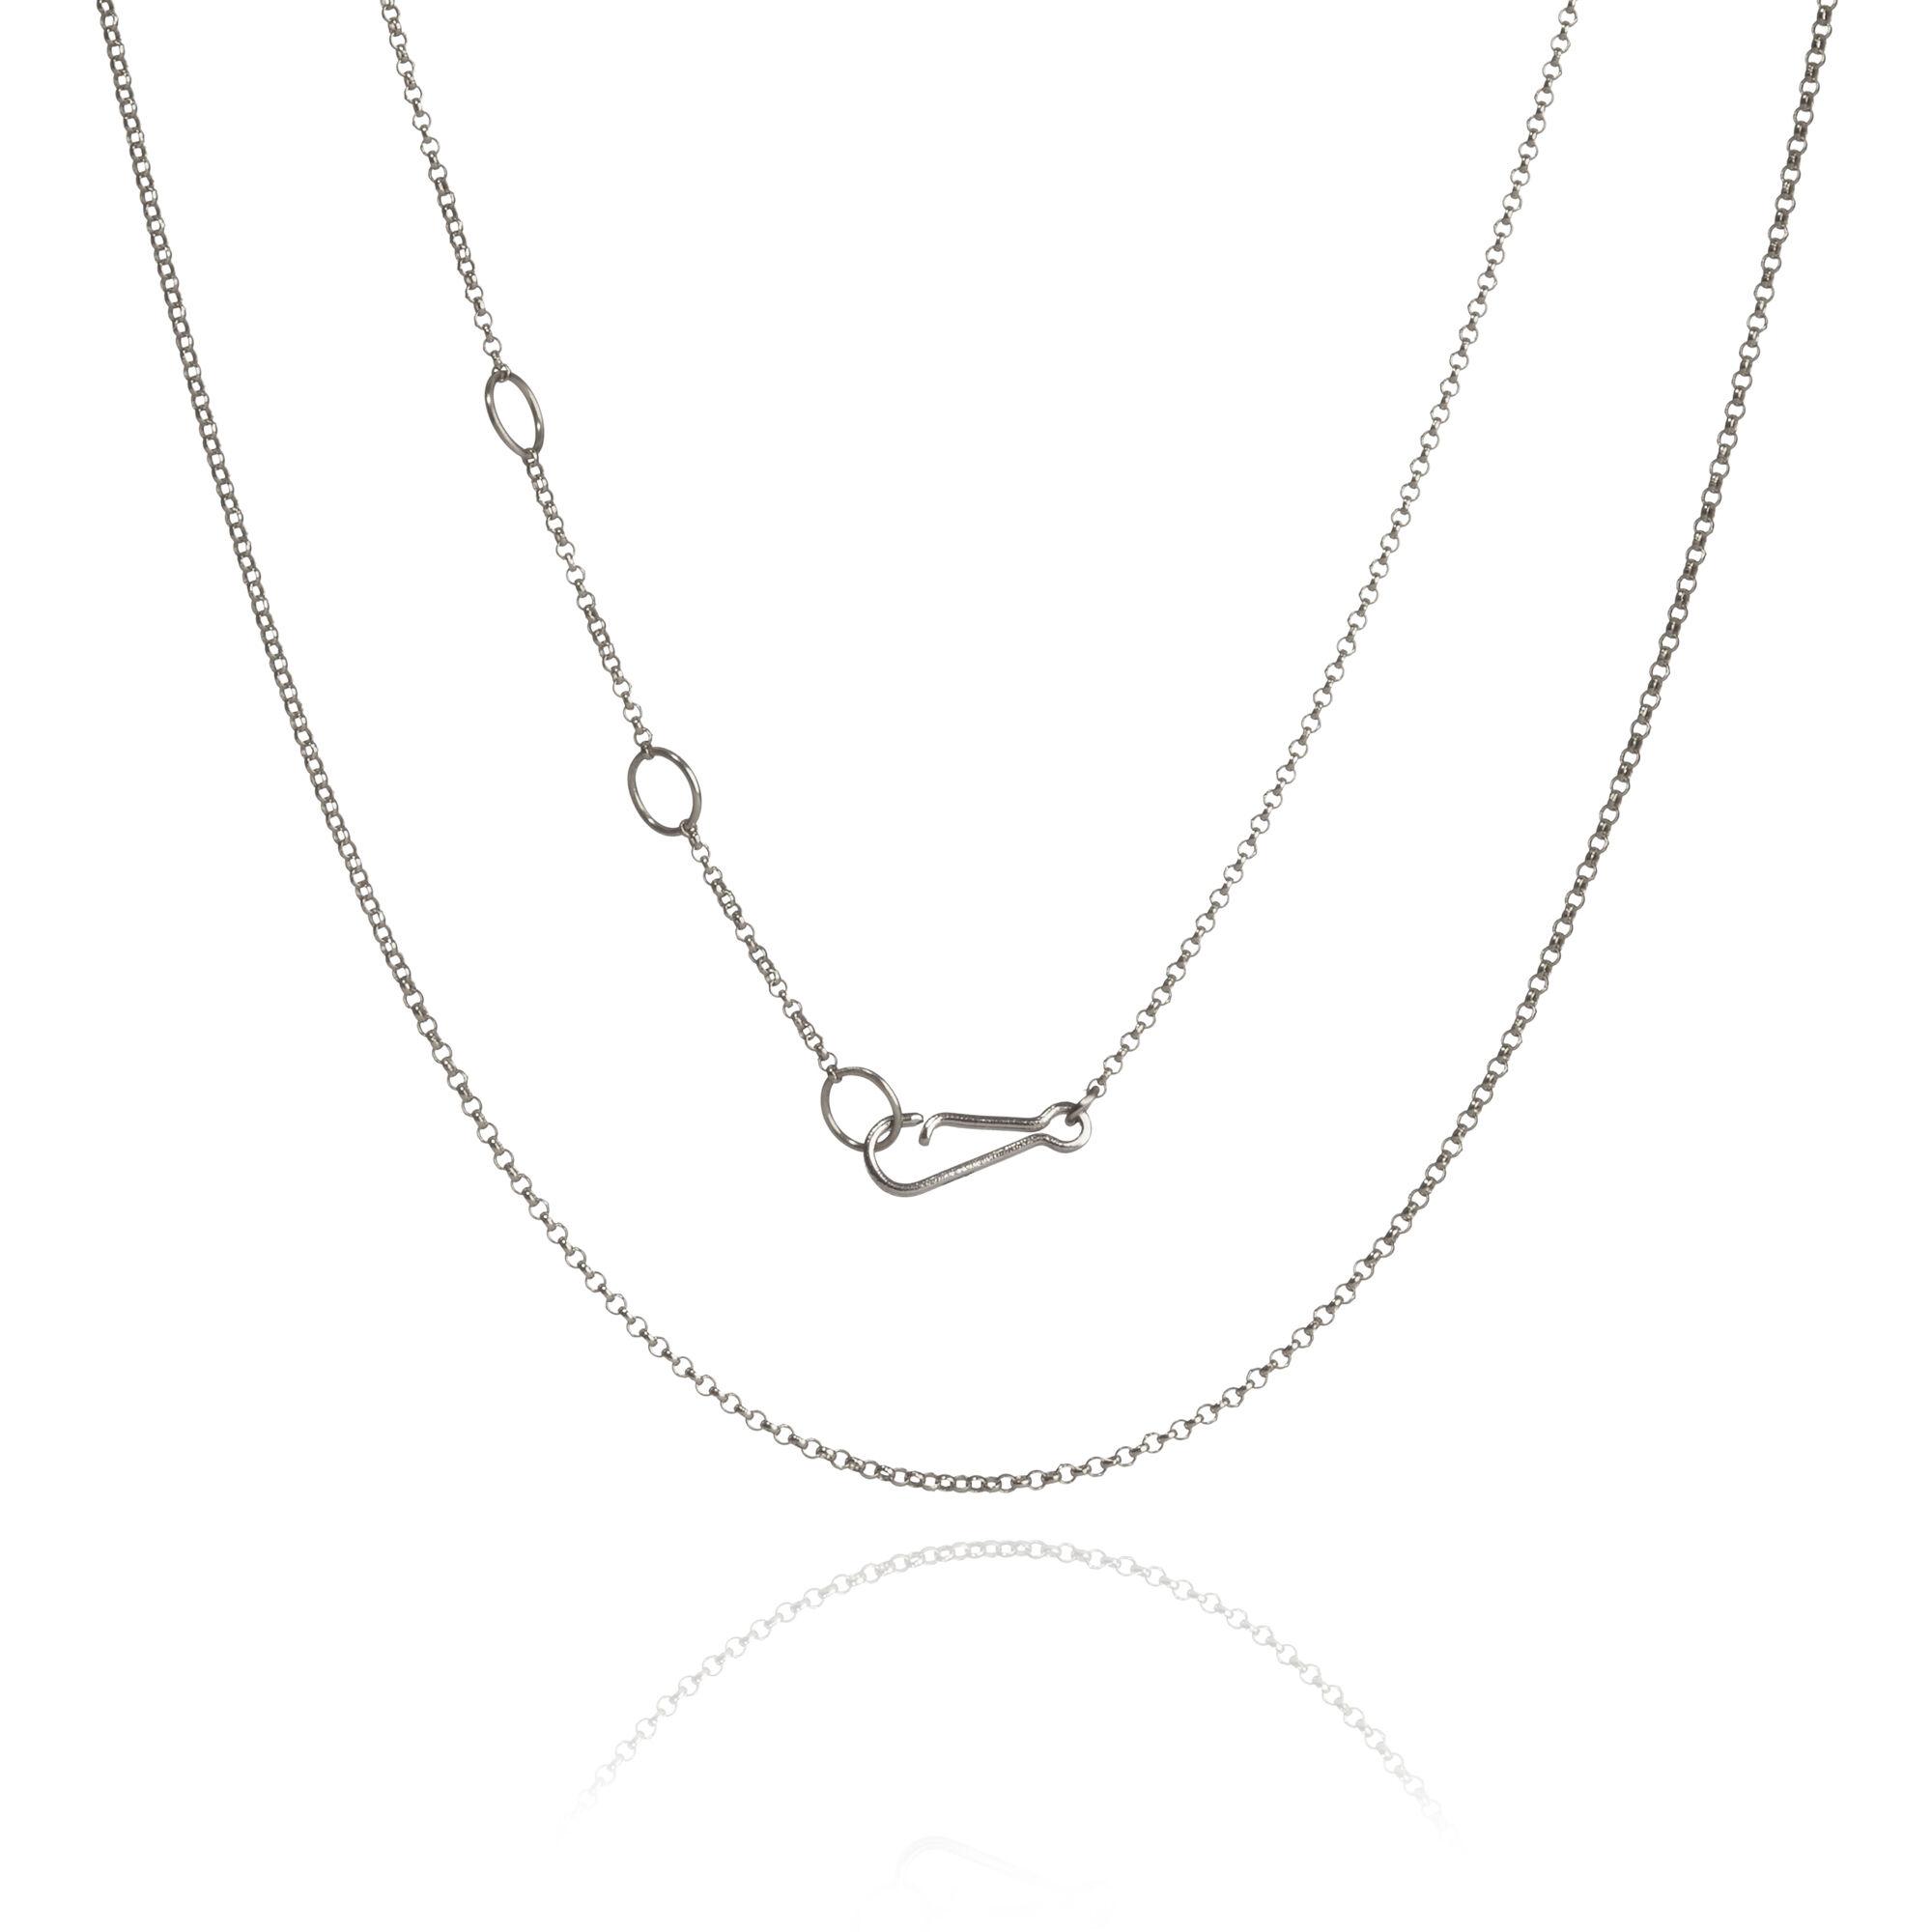 b8ae13c465c82 18ct White Gold Fine Belcher Chain